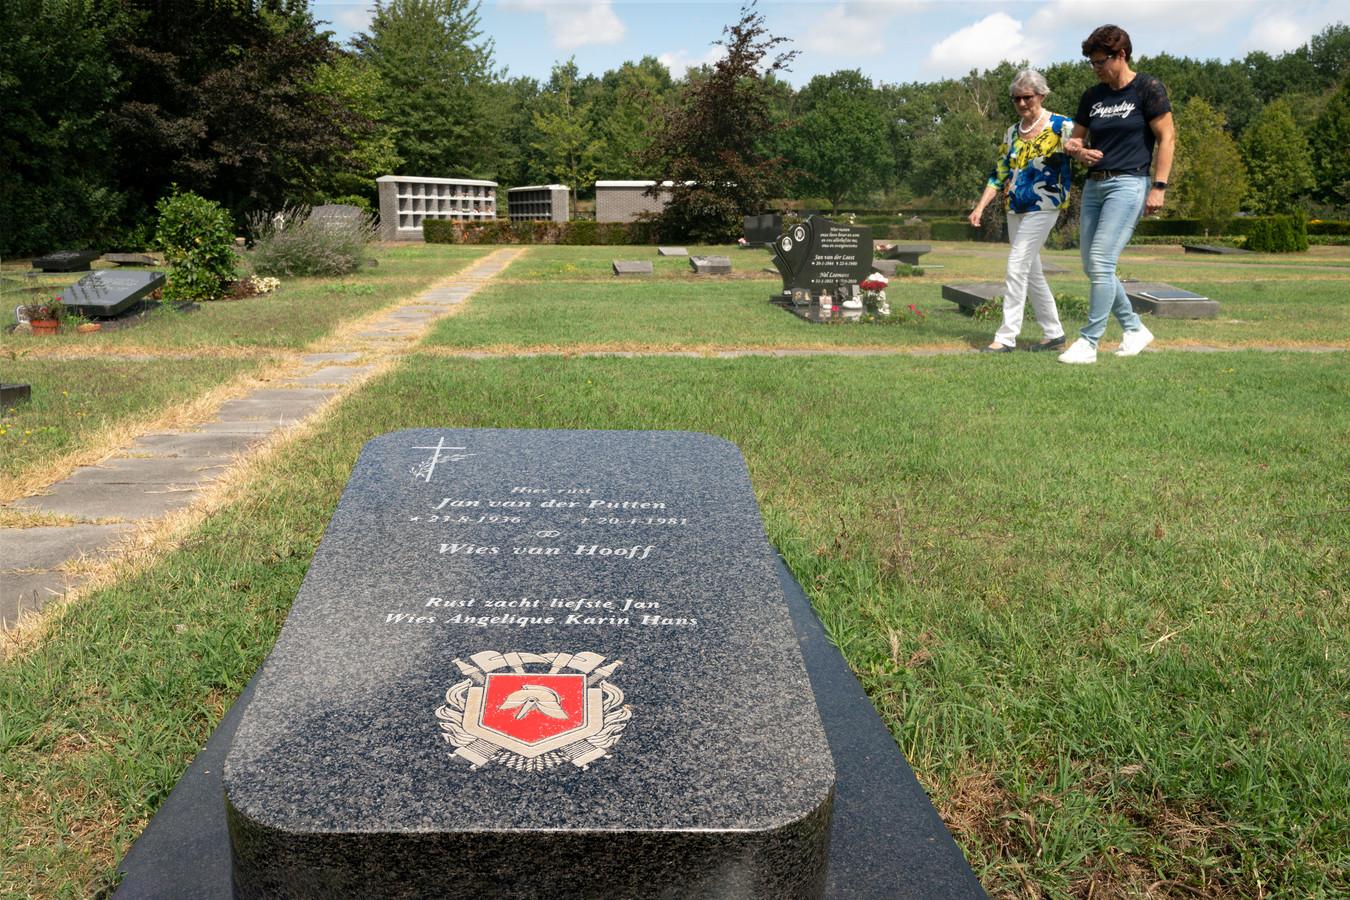 Wies van der Putten loopt richting het graf van haar man Jan van der Putten. Dochter Karin Biekens loopt met haar mee.